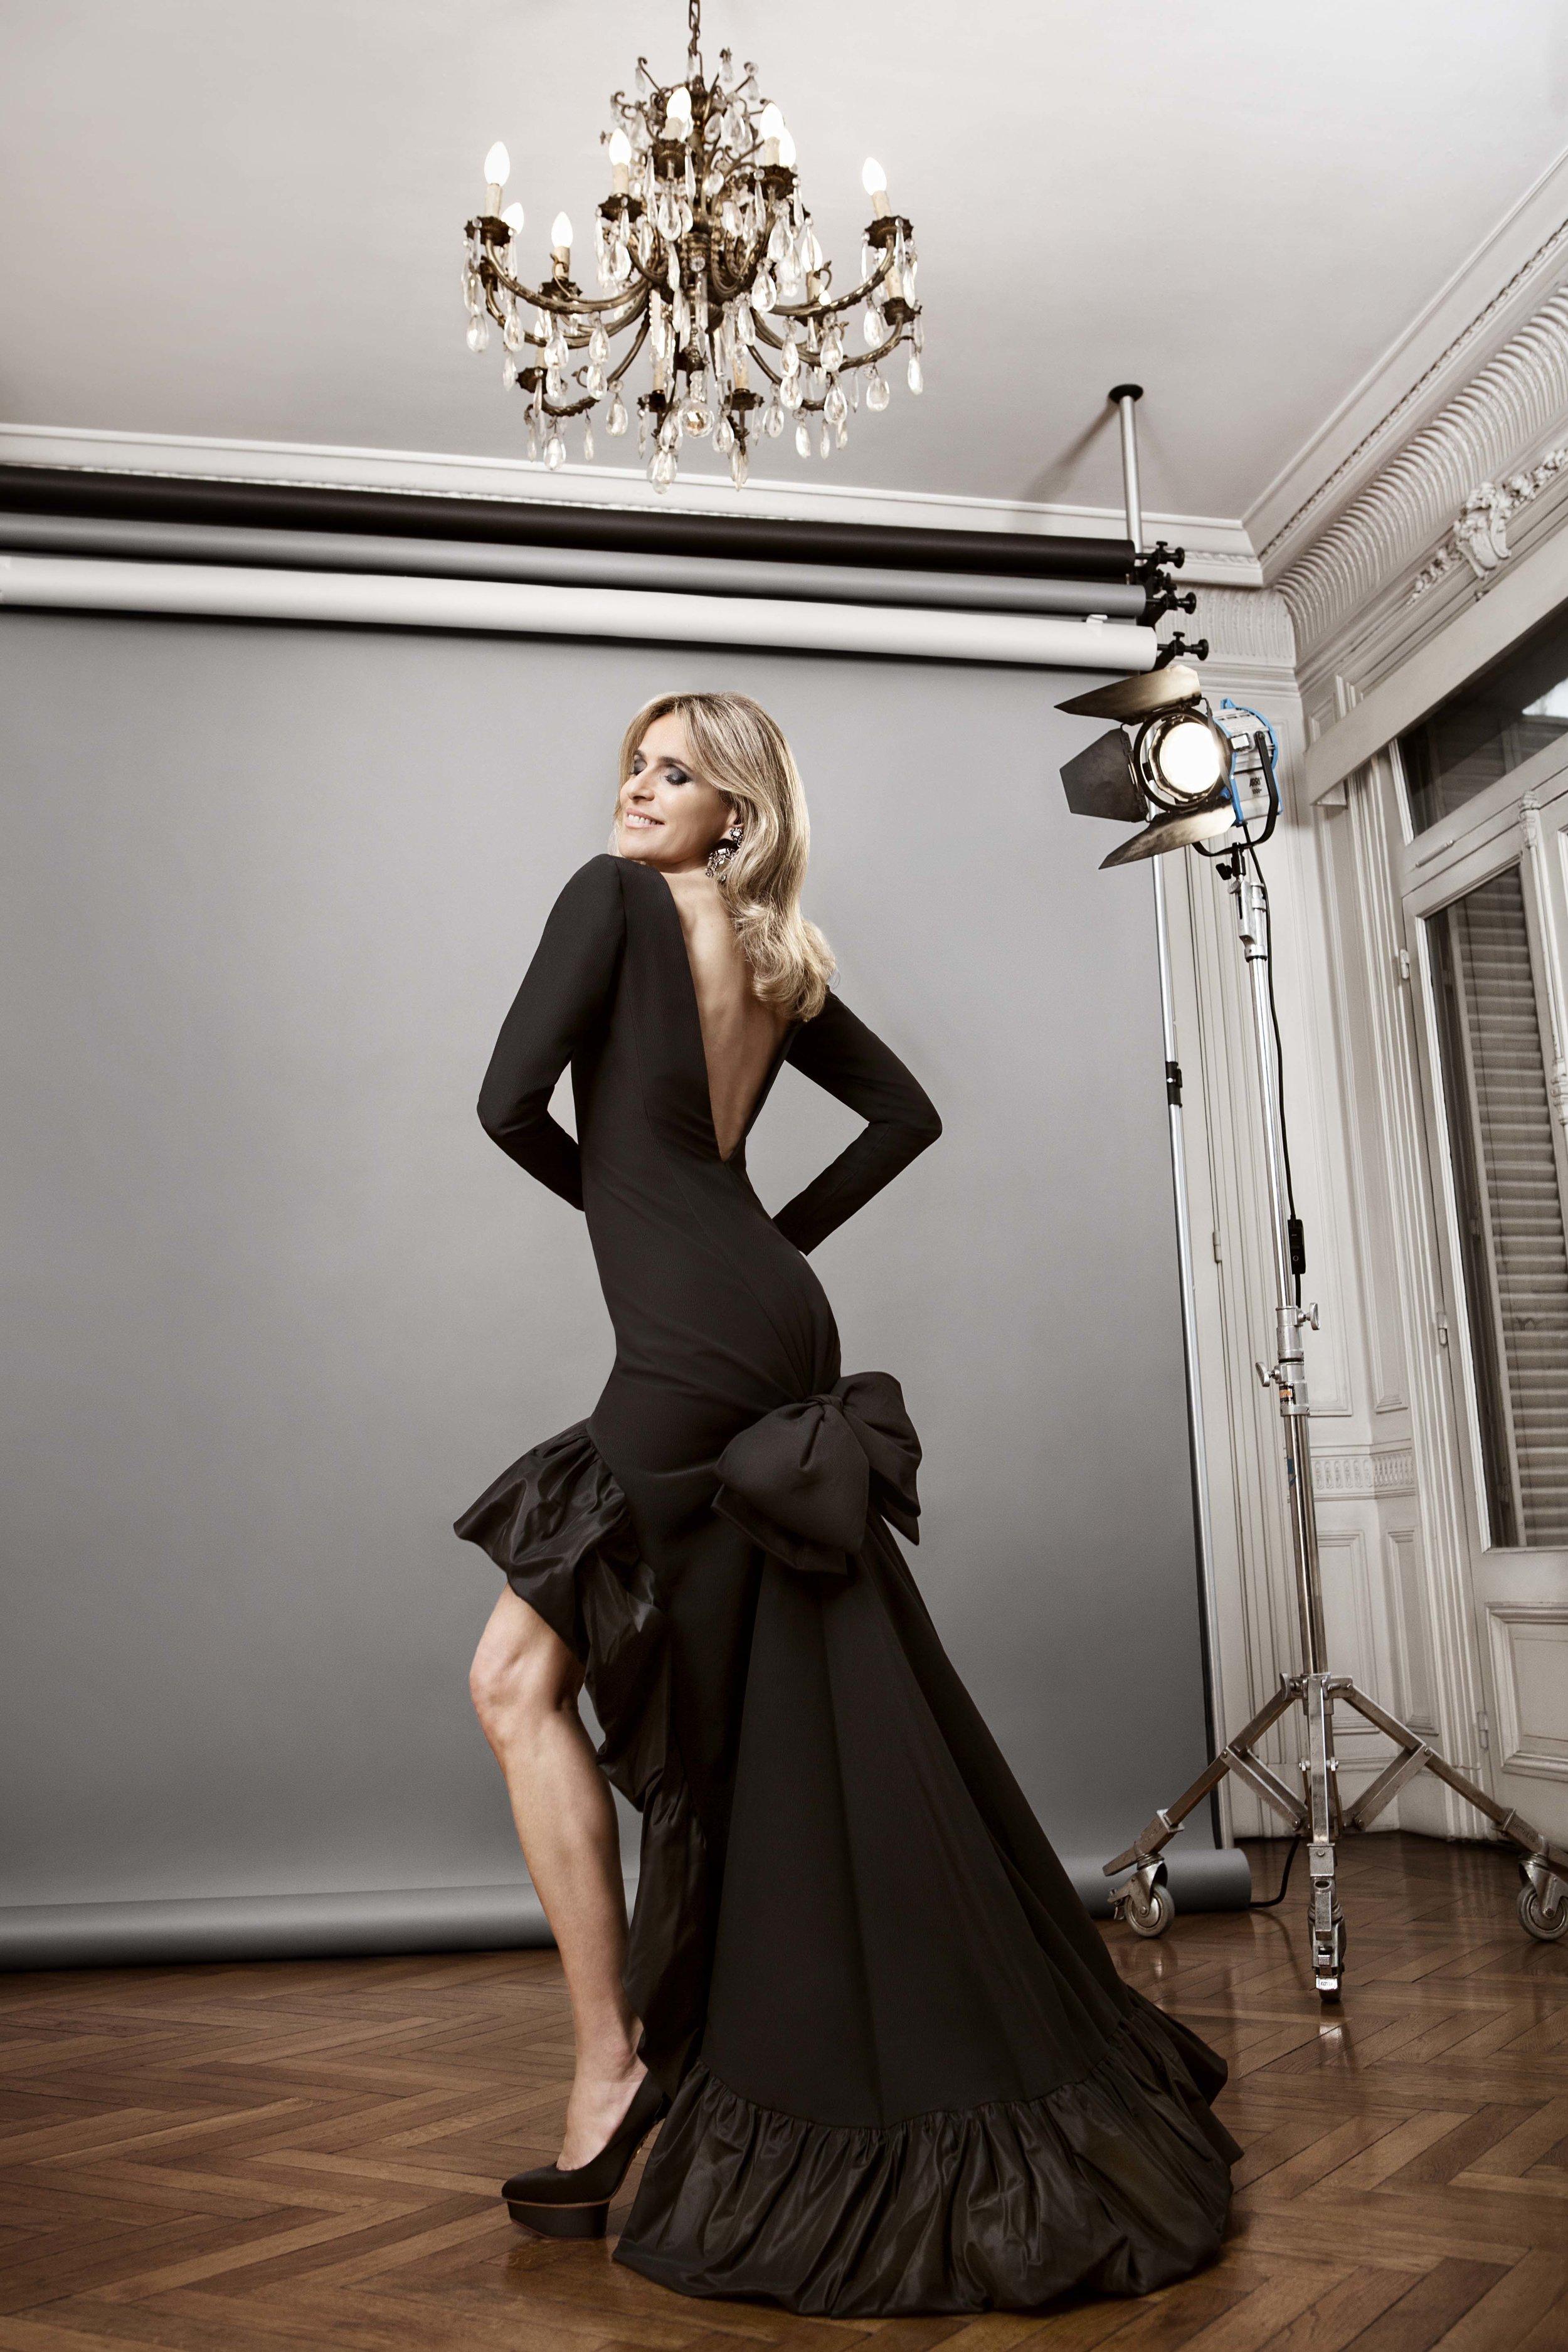 Rossella_della_Giovampaola_RossellaDGP_Vestido_YSL_Haute_Couture_Yves_Saint_Laurent.jpg